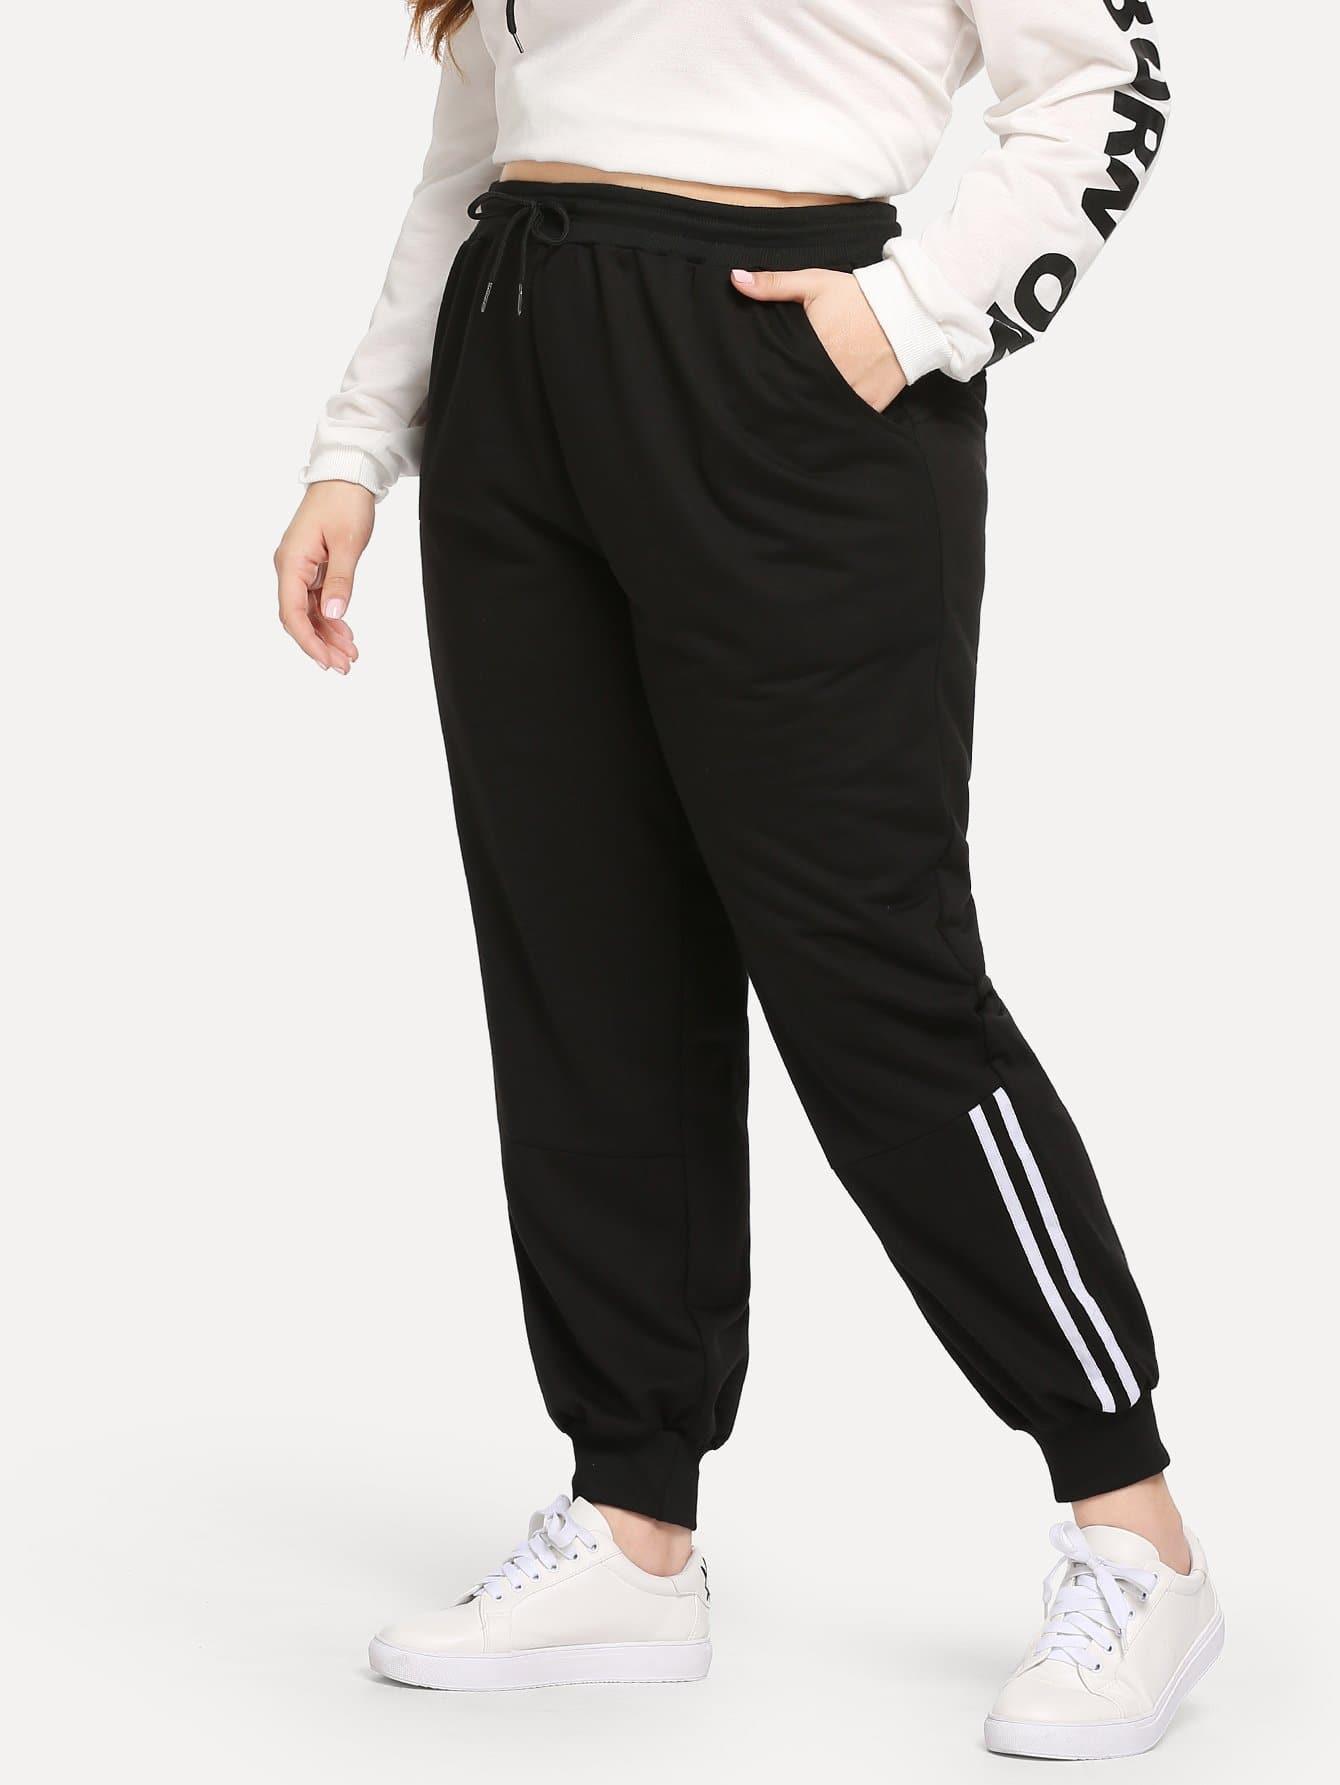 Фото - Размера плюс полосатые брюки униформы с кулиской от SheIn цвет чёрные